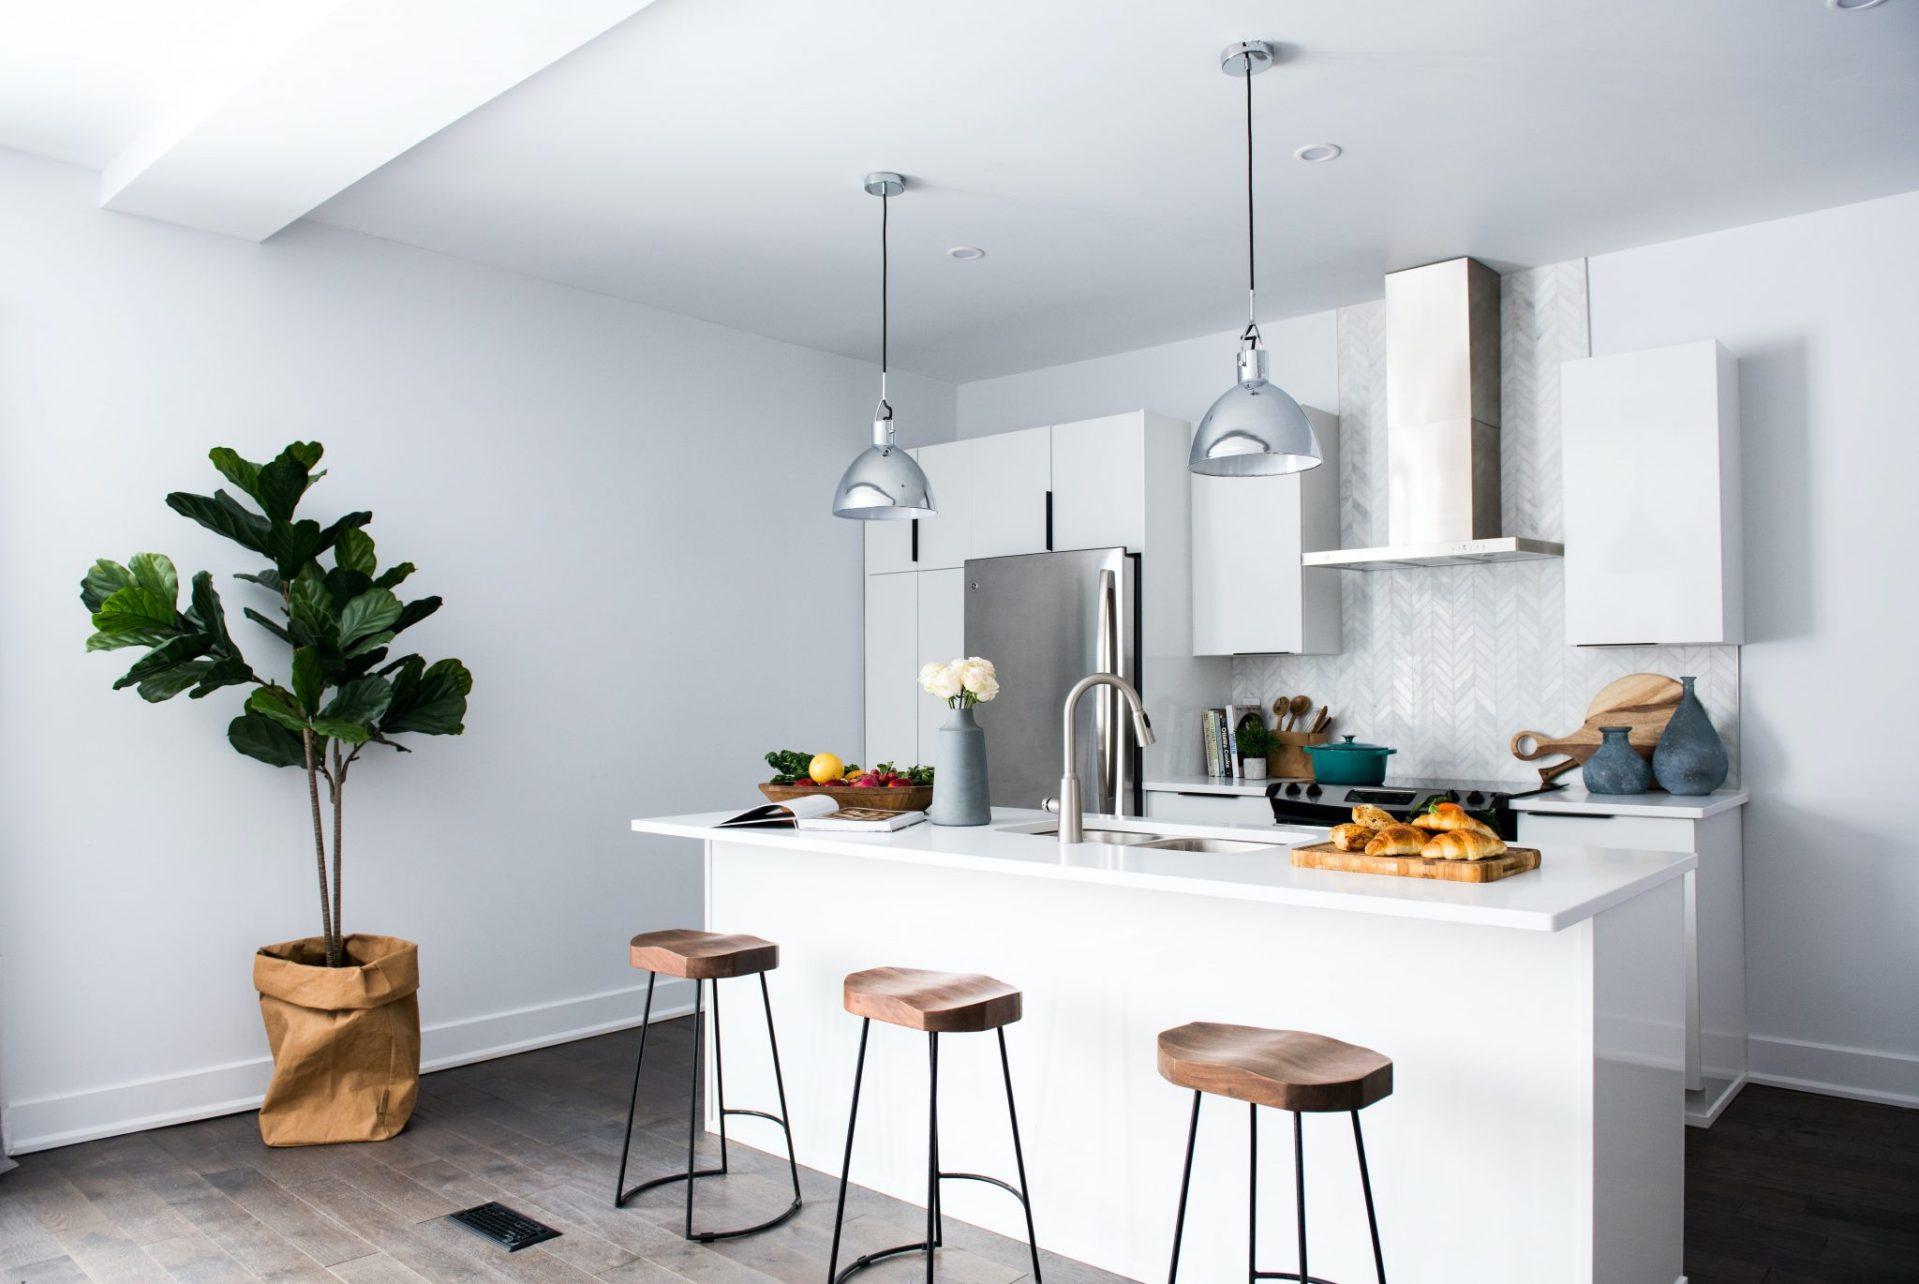 5 Zero Waste Ideas for Your Kitchen